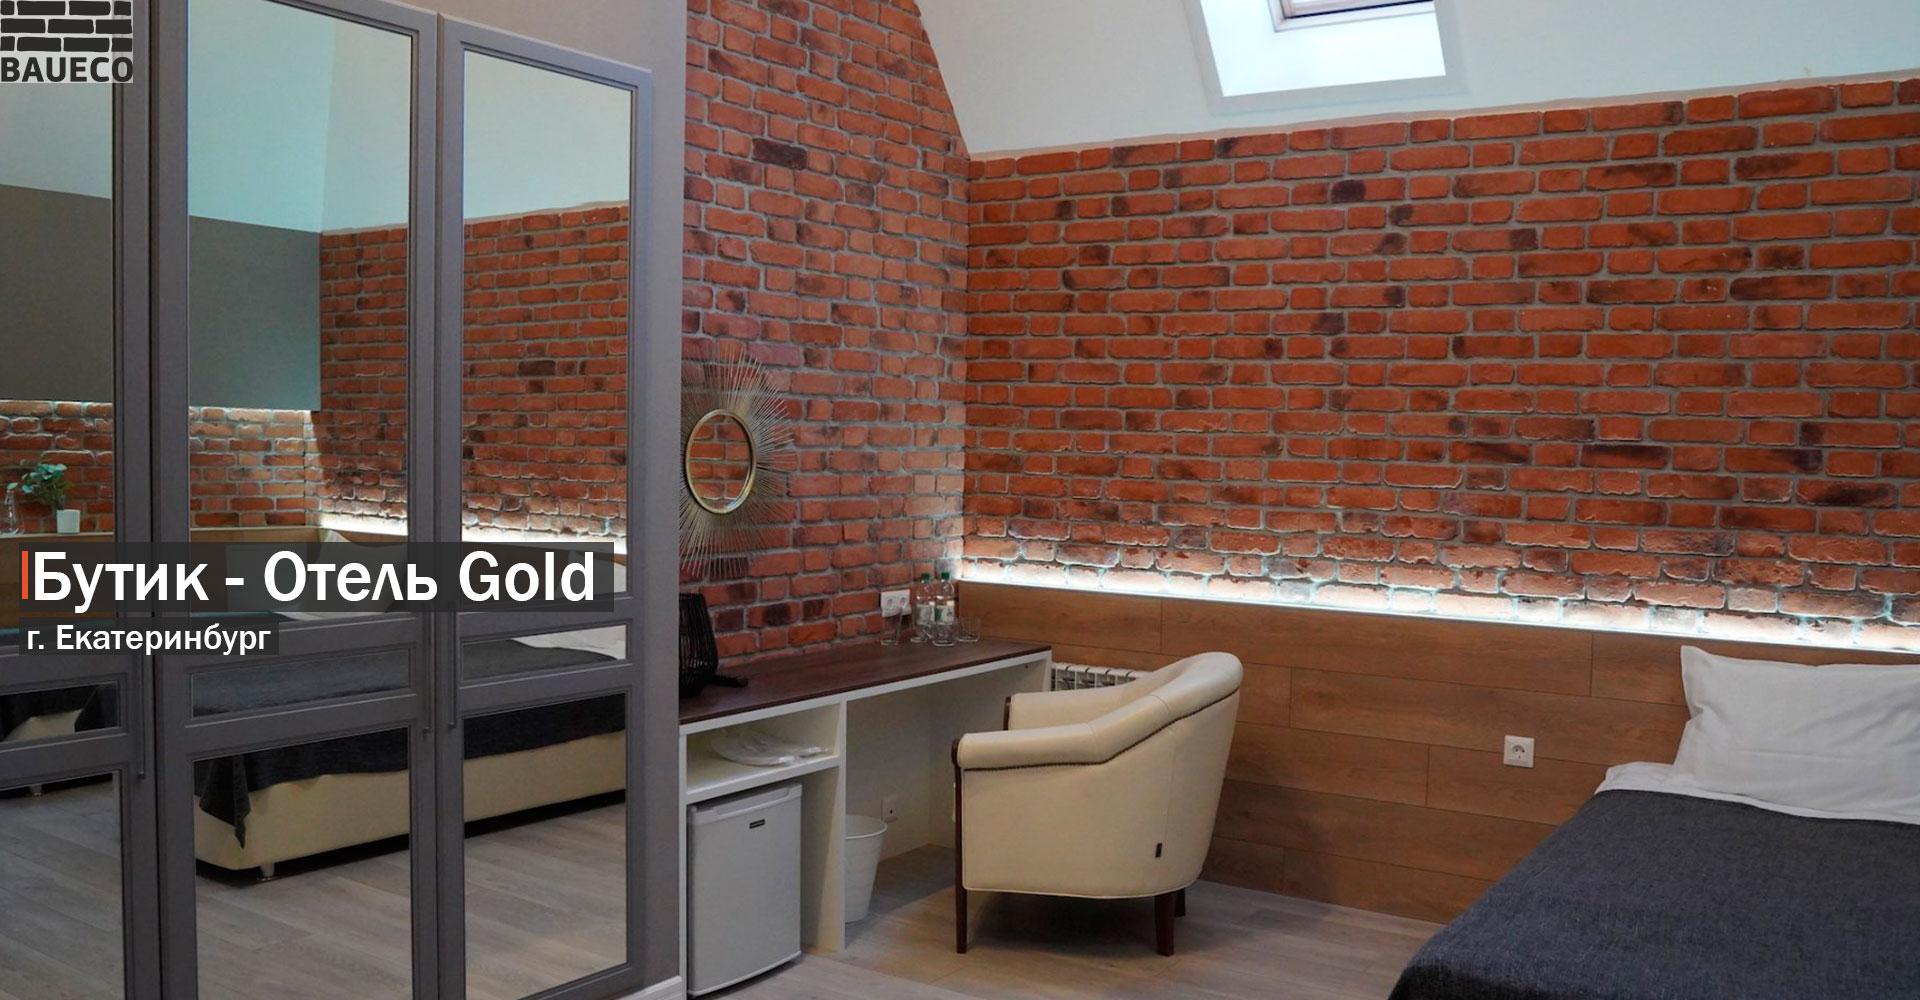 Отель бутик Gold терракотовый декоративный кирпич бауэко